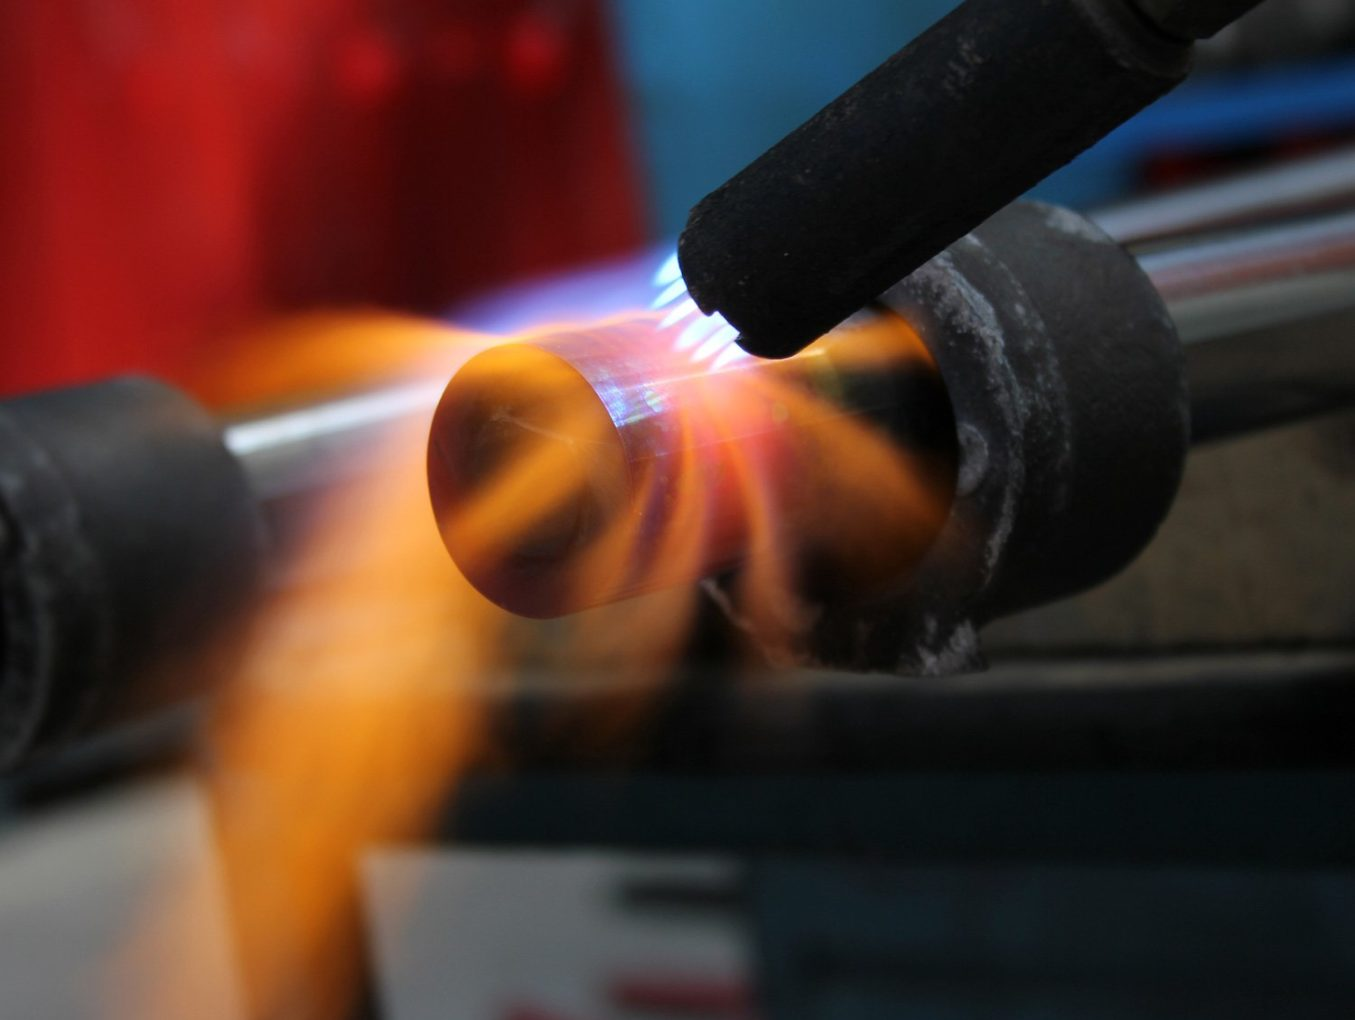 Оцінка професійних компетенцій у сфері виготовлення та монтажу технологічних трубопроводів і обладнання